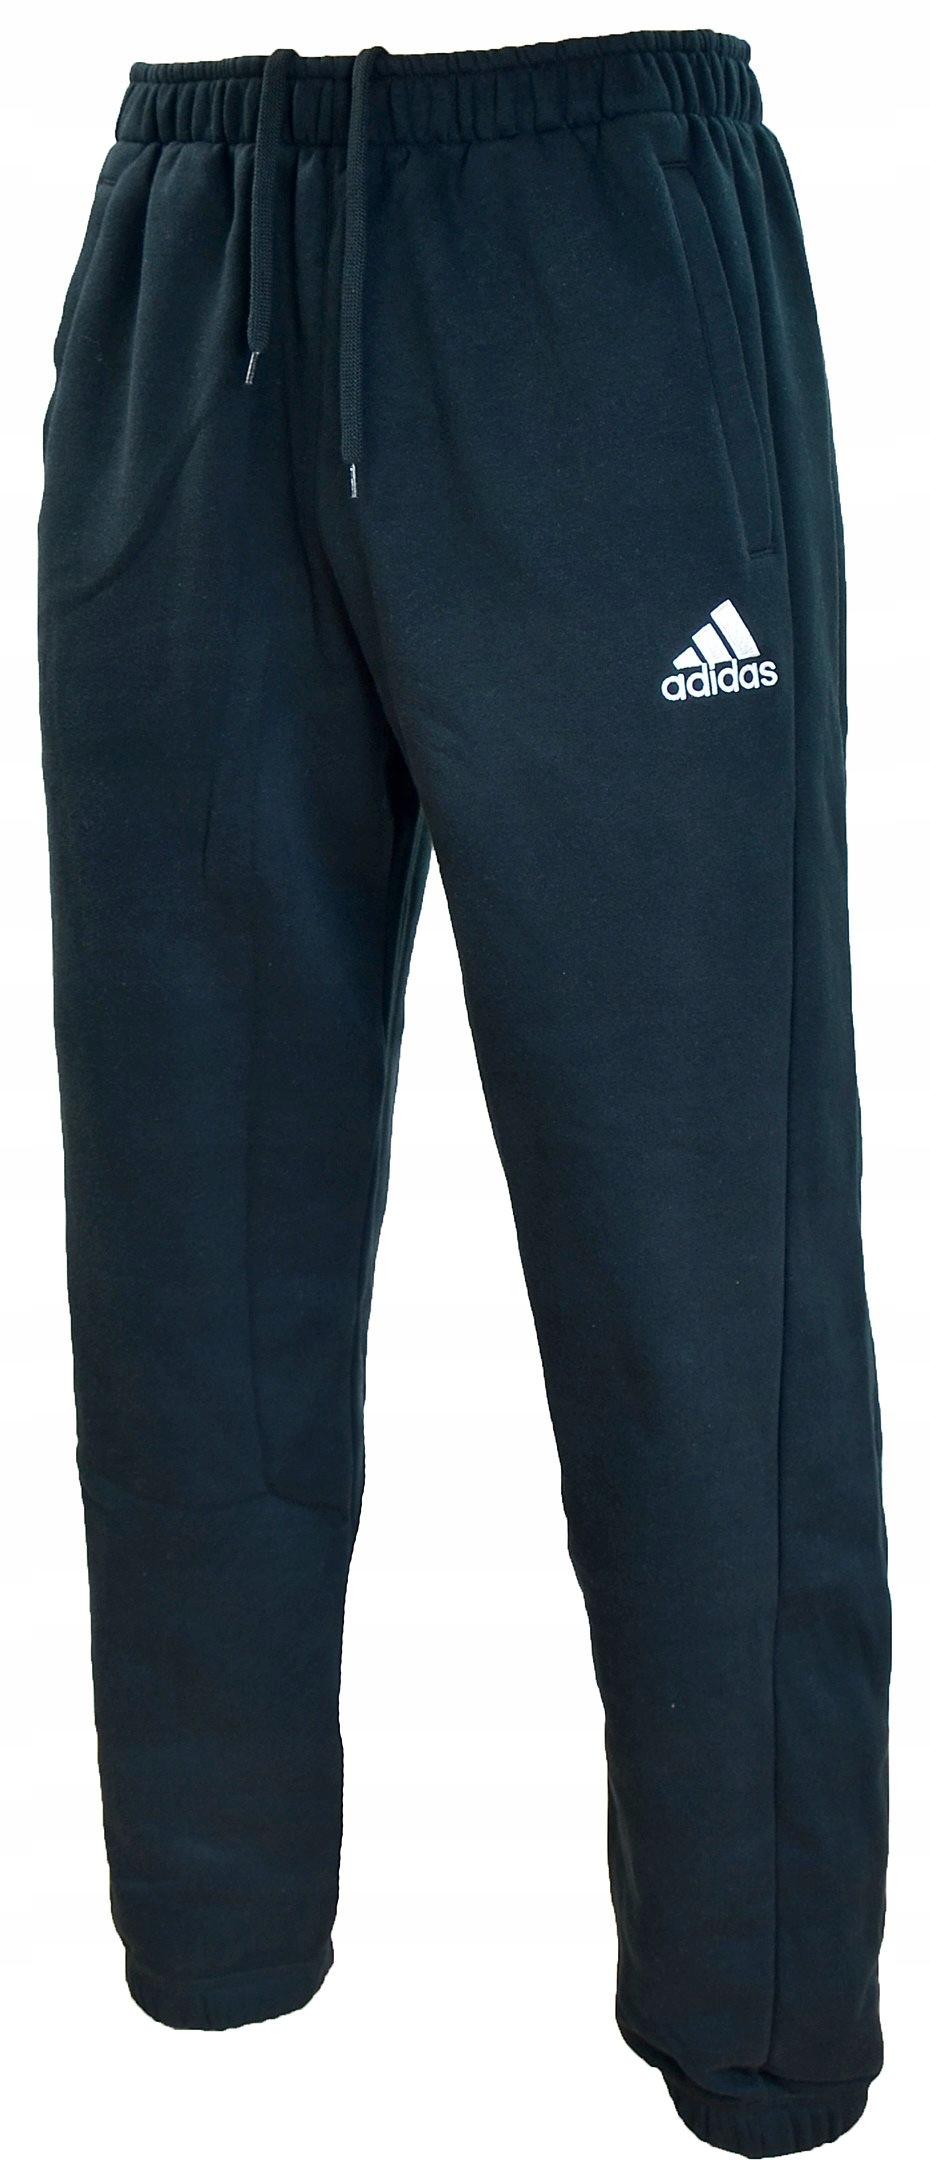 wykwintny design nowy styl brak podatku od sprzedaży Spodnie ADIDAS dresowe męskie DRESY grube CZARNE M ...